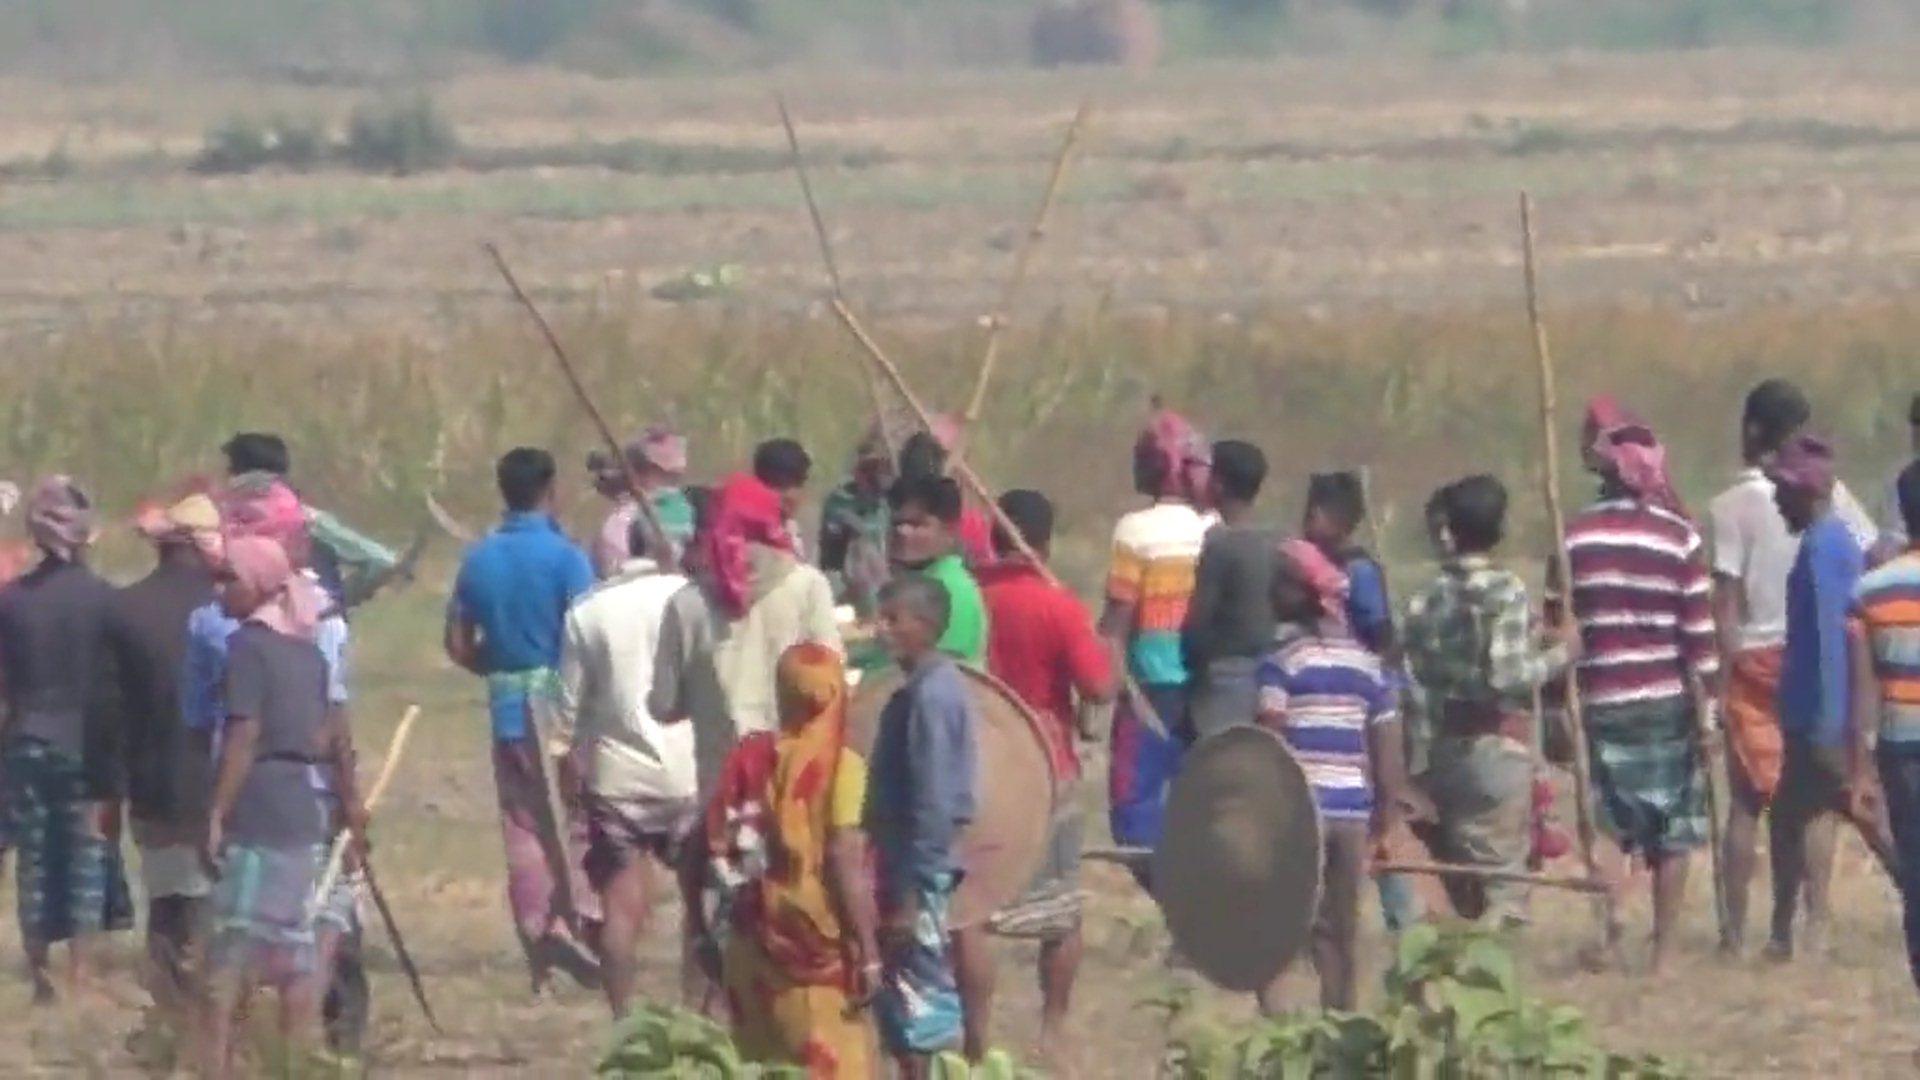 ঝিনাইদহের শৈলকুপায় আধিপত্য নিয়ে আওয়ামীলিগের দু'গ্রুপের সংঘর্ষ ॥ আহত ১০ বাড়ী ভাংচুর